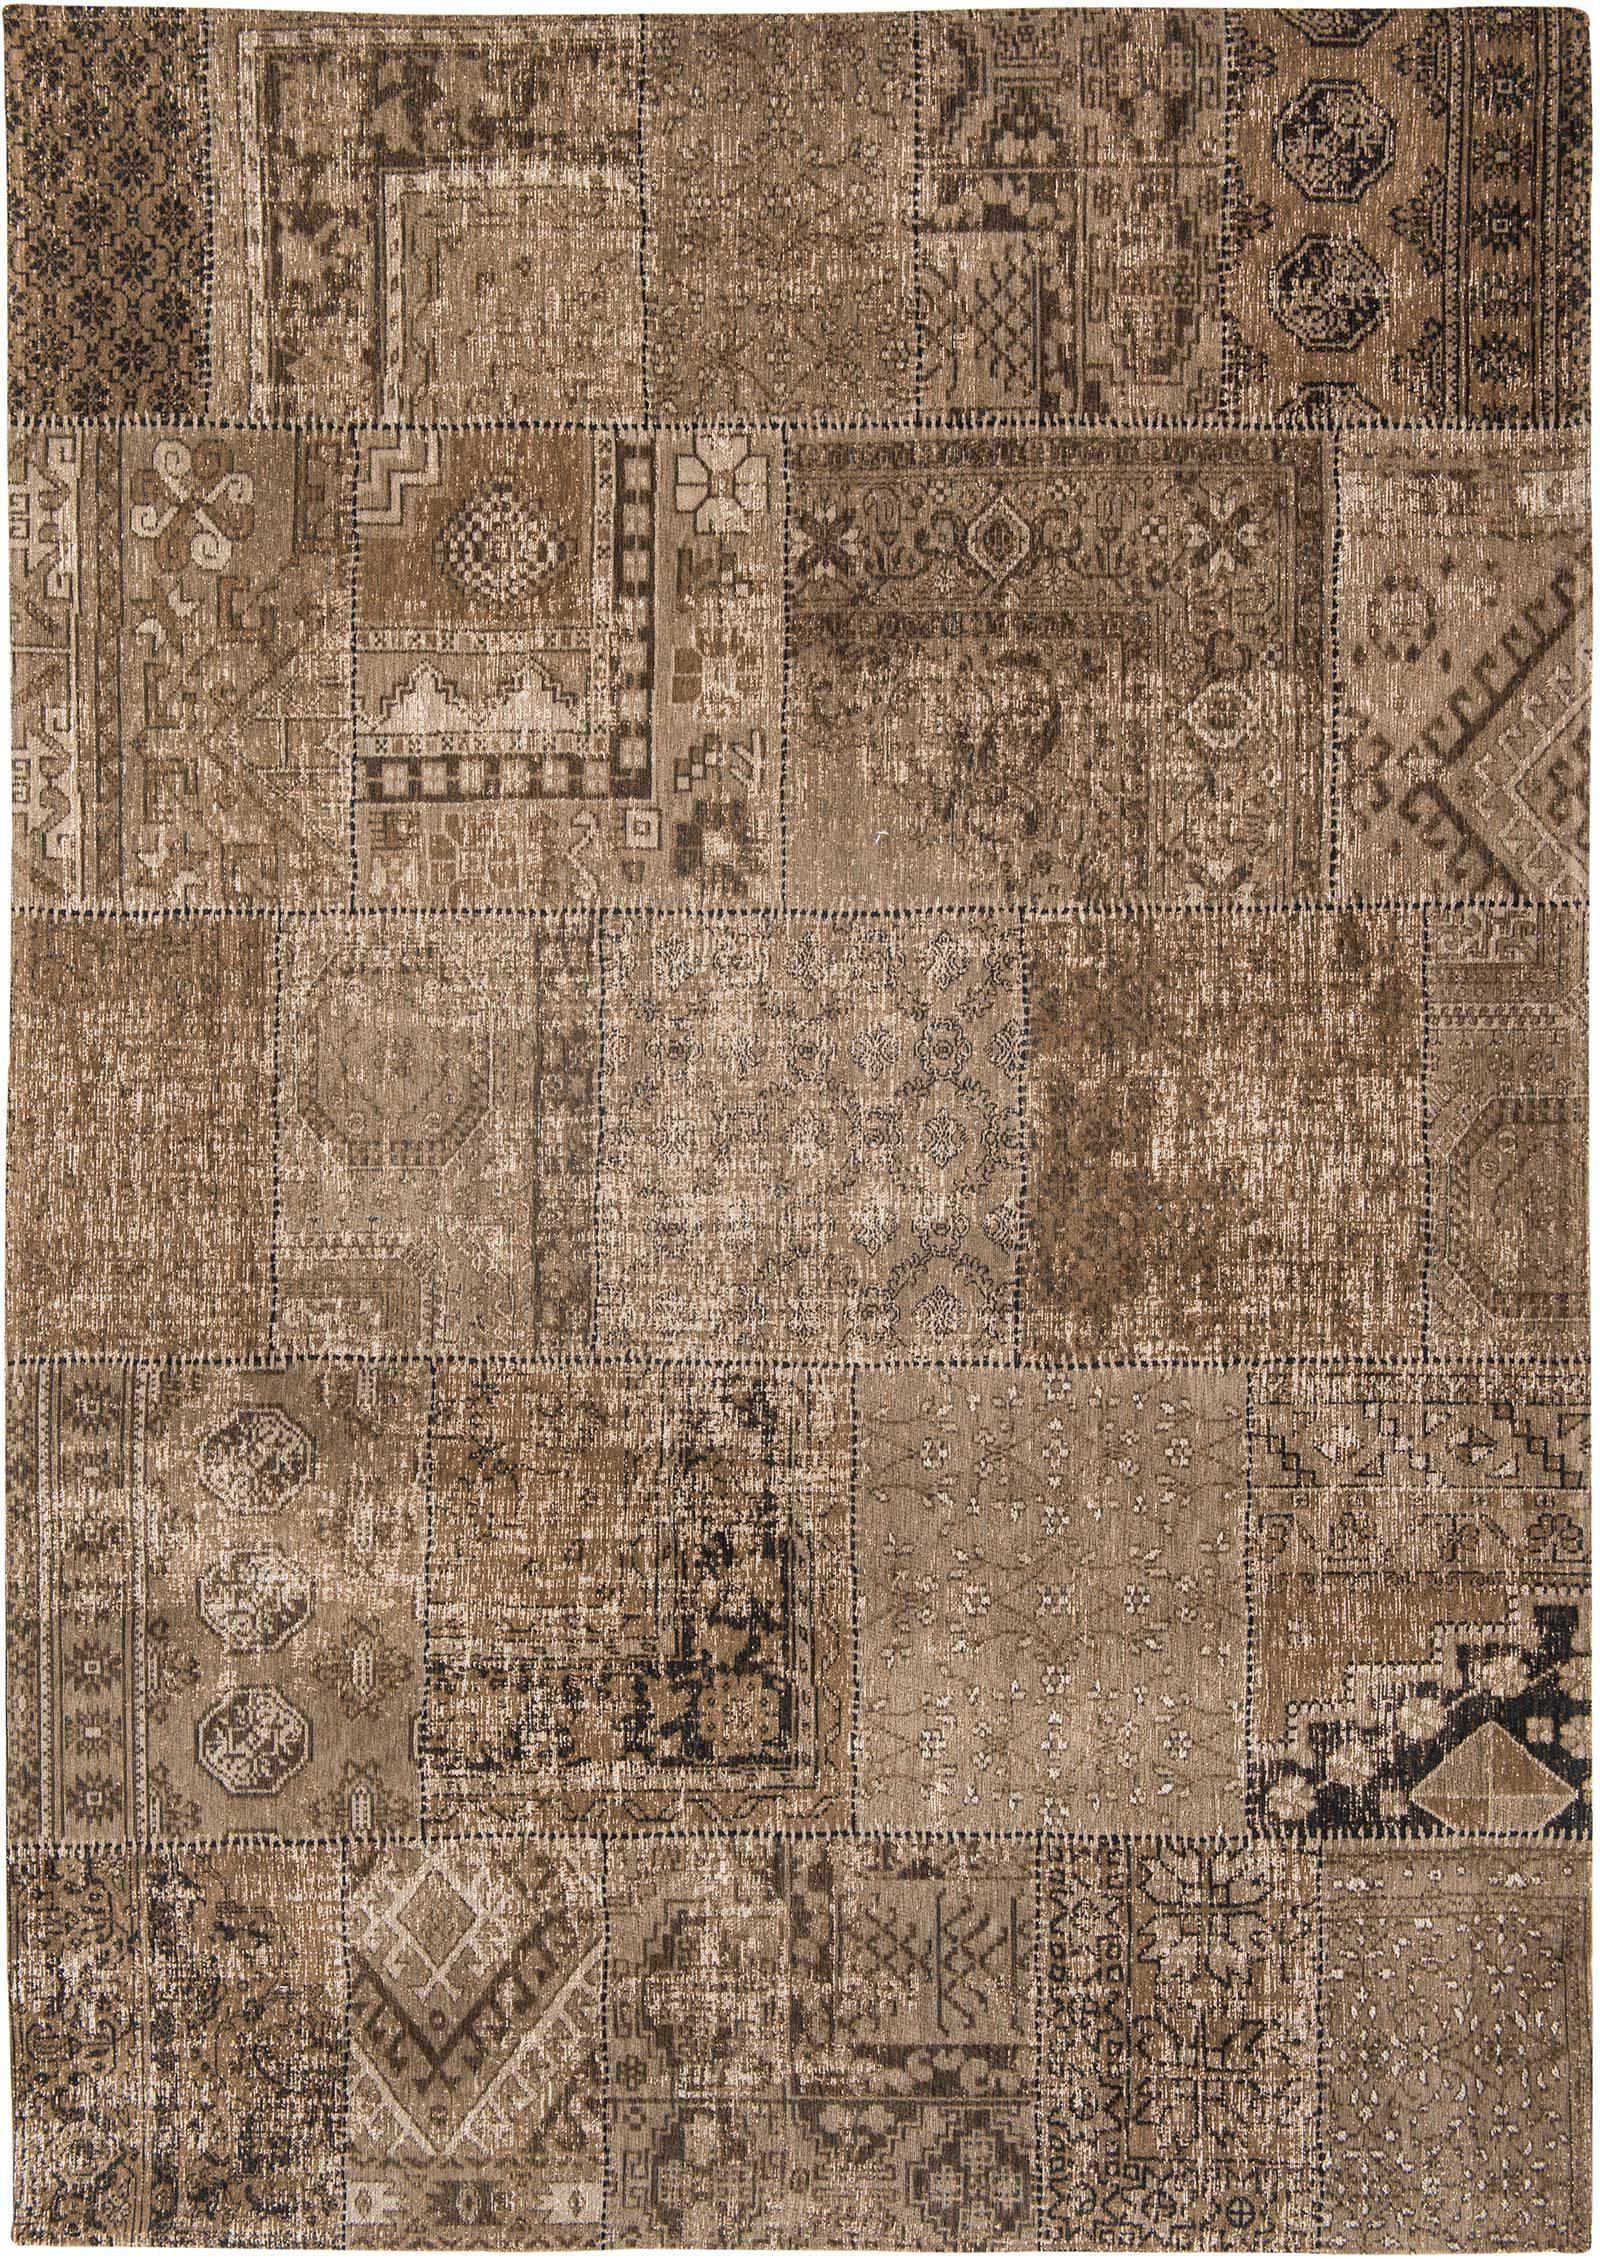 louis de poortere rug khayma dust road 8784 farrago design luxury rug shop uk. Black Bedroom Furniture Sets. Home Design Ideas